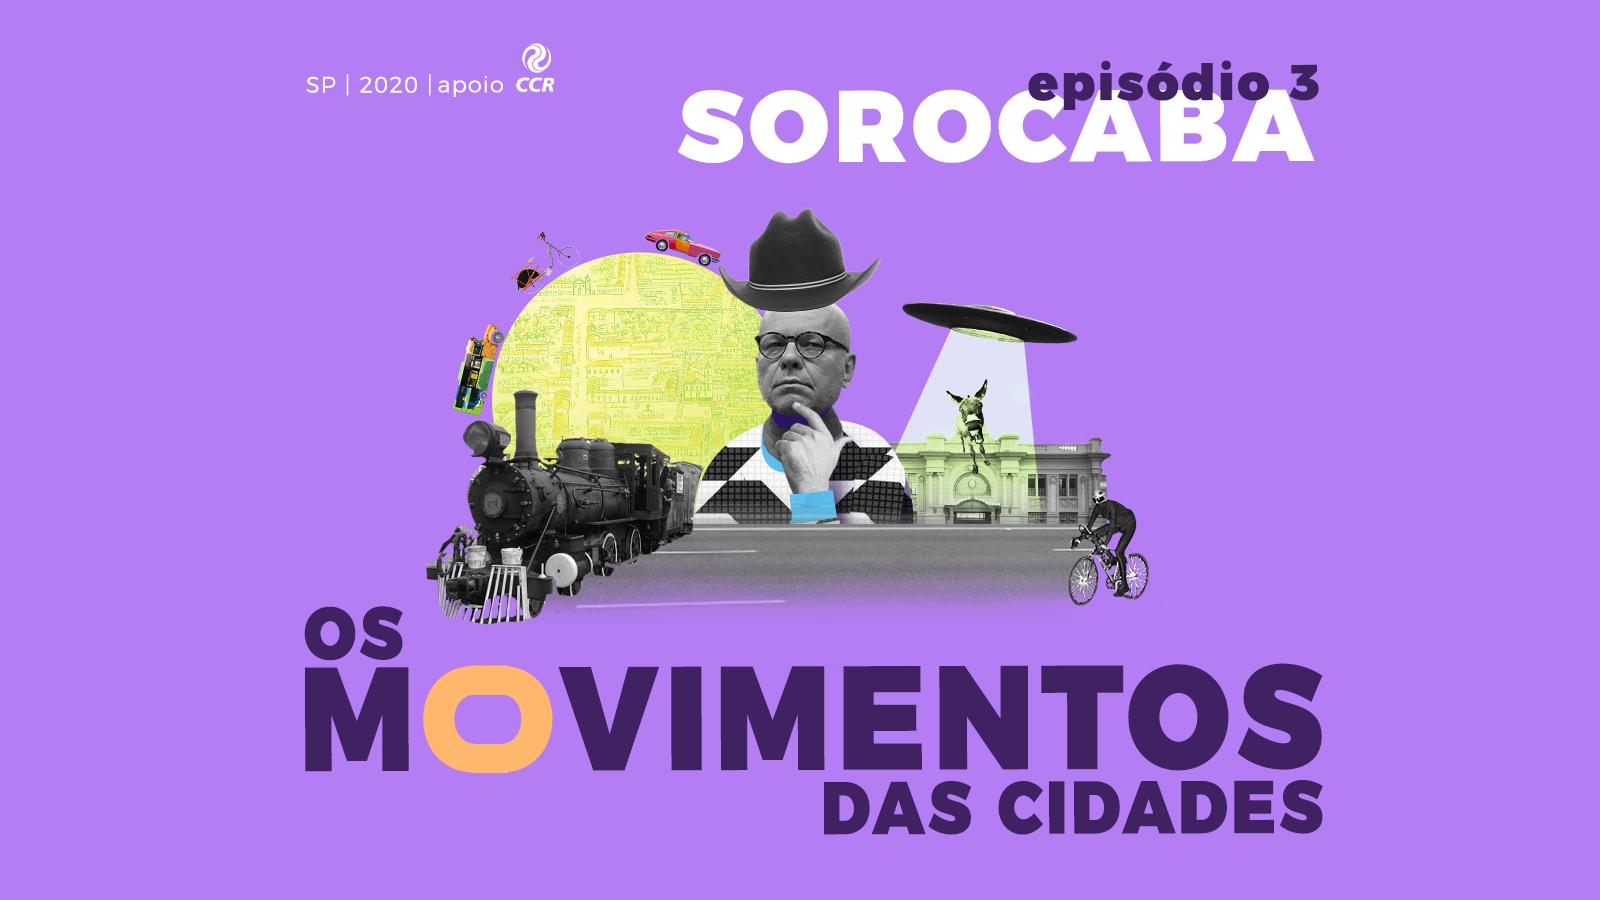 Sorocaba: a cidade que não para | Os Movimentos das Cidades Ep. 03